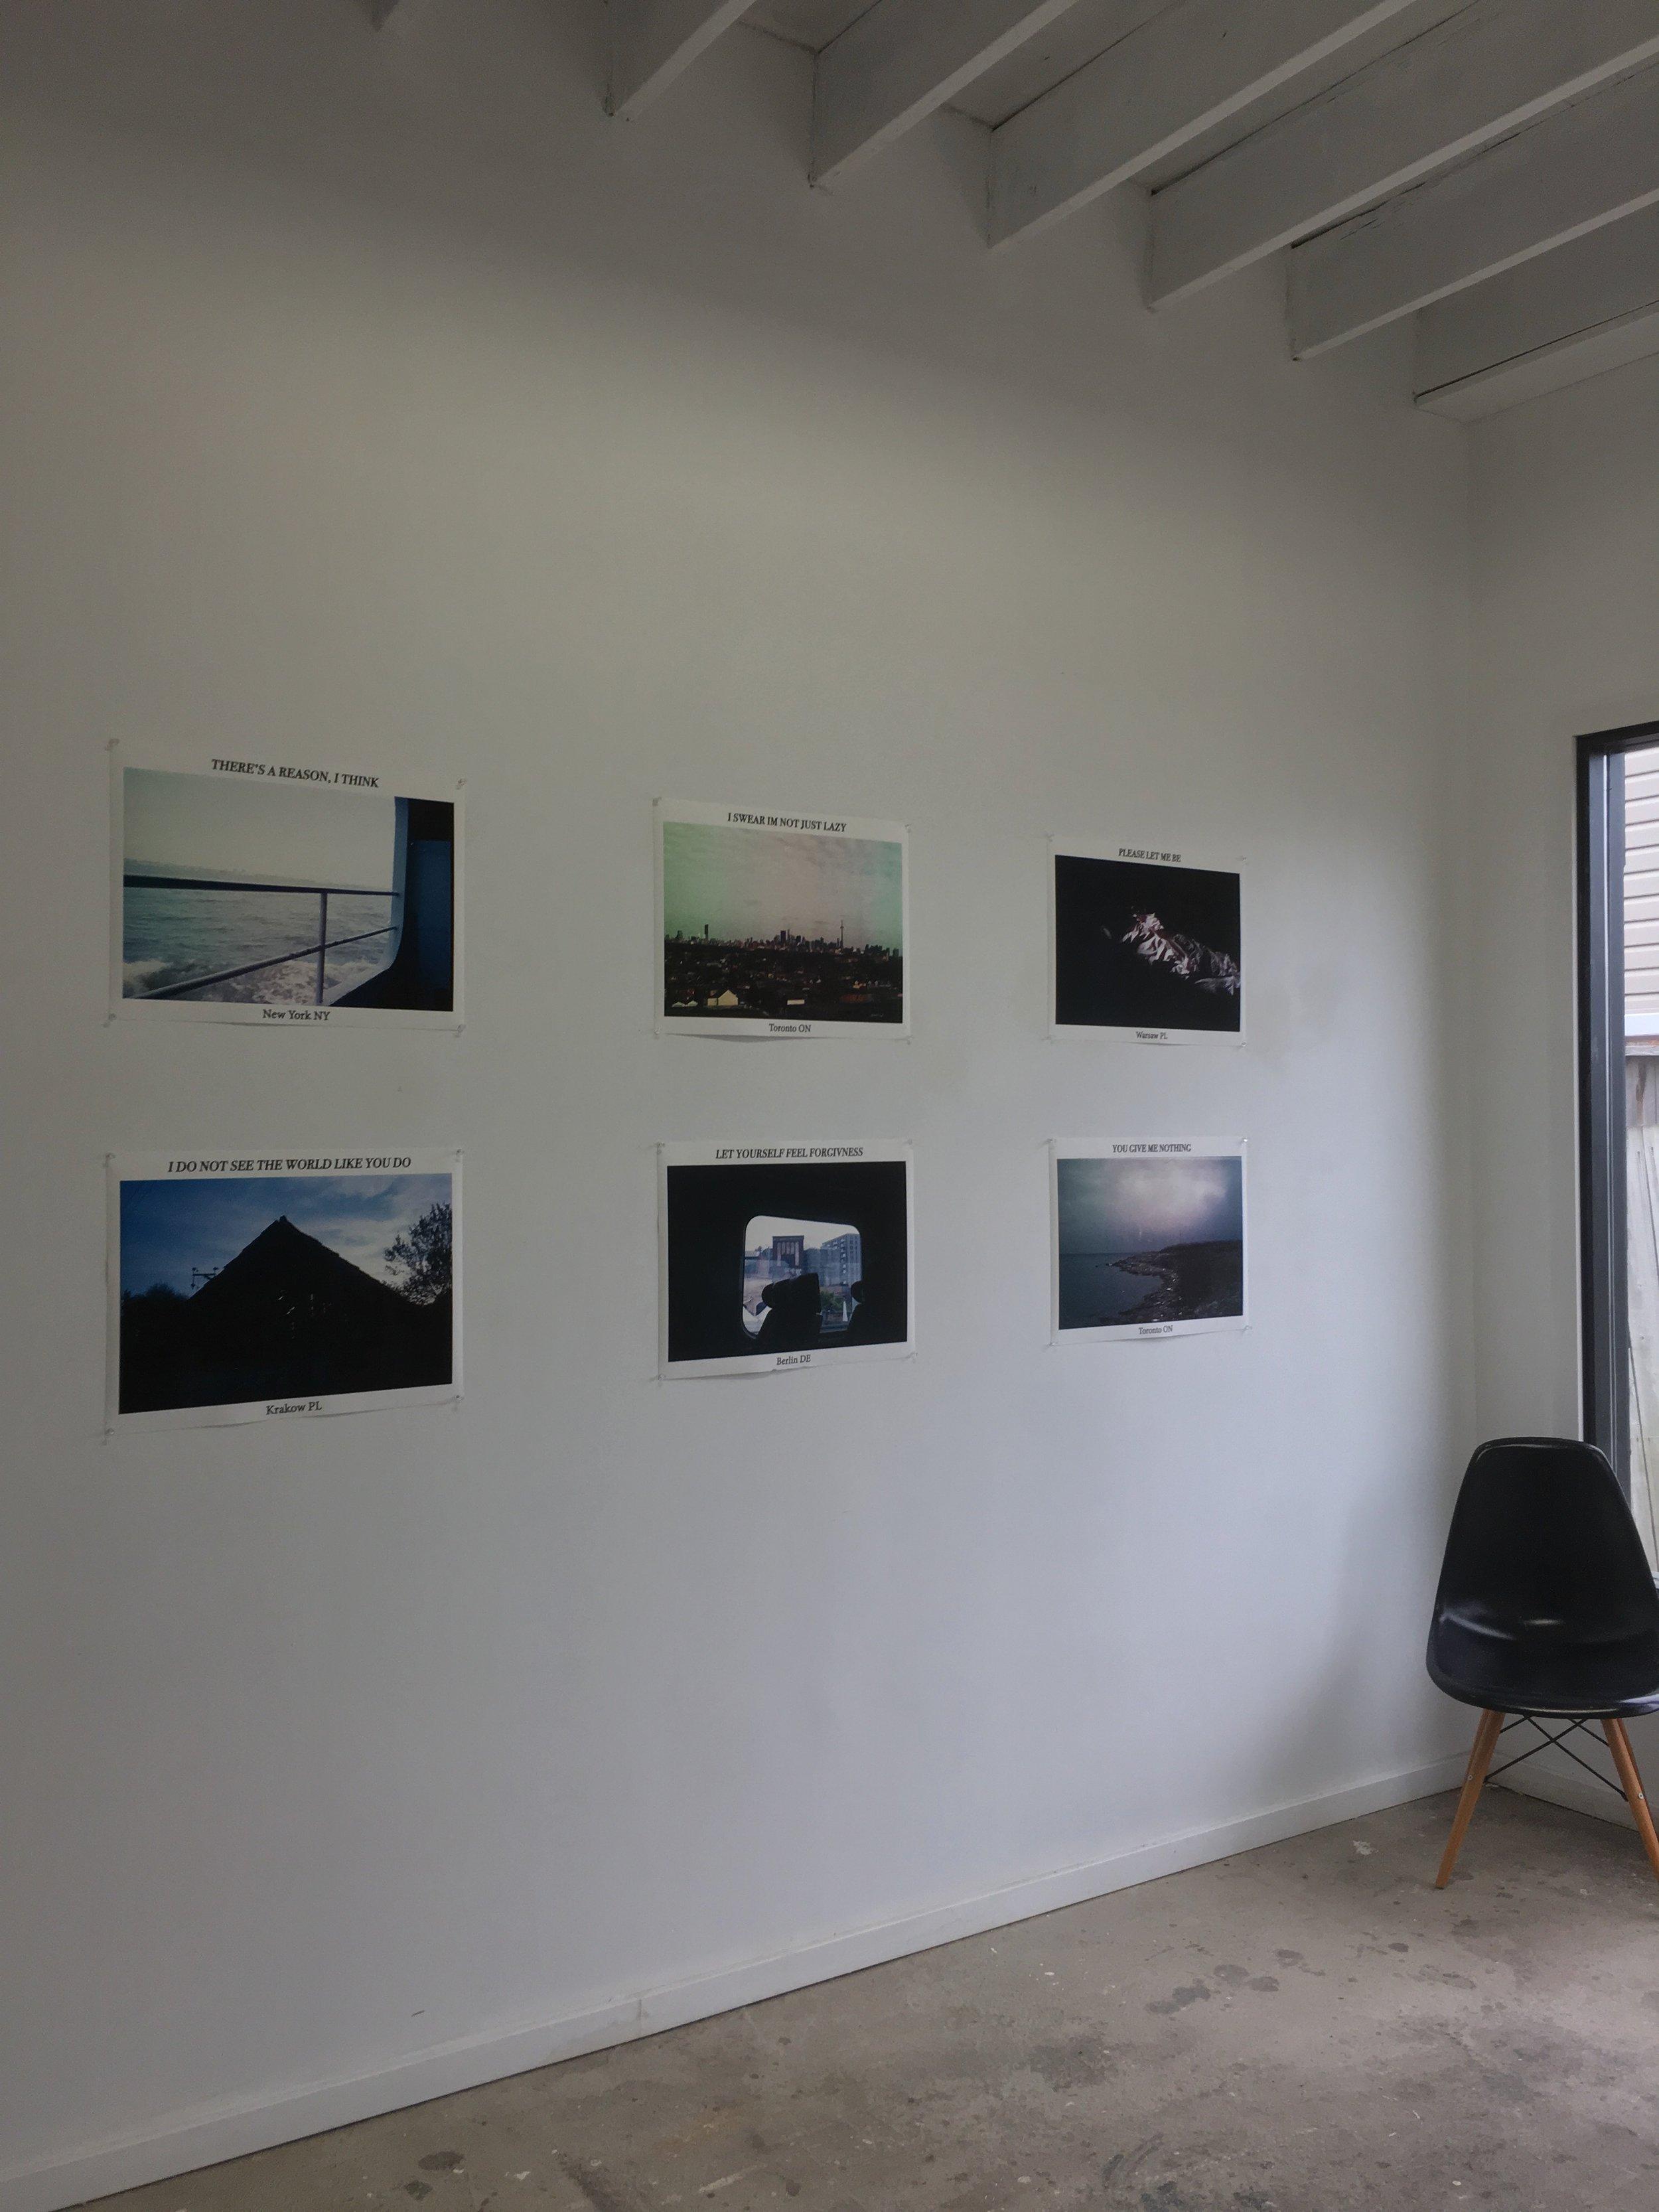 Installation View 1